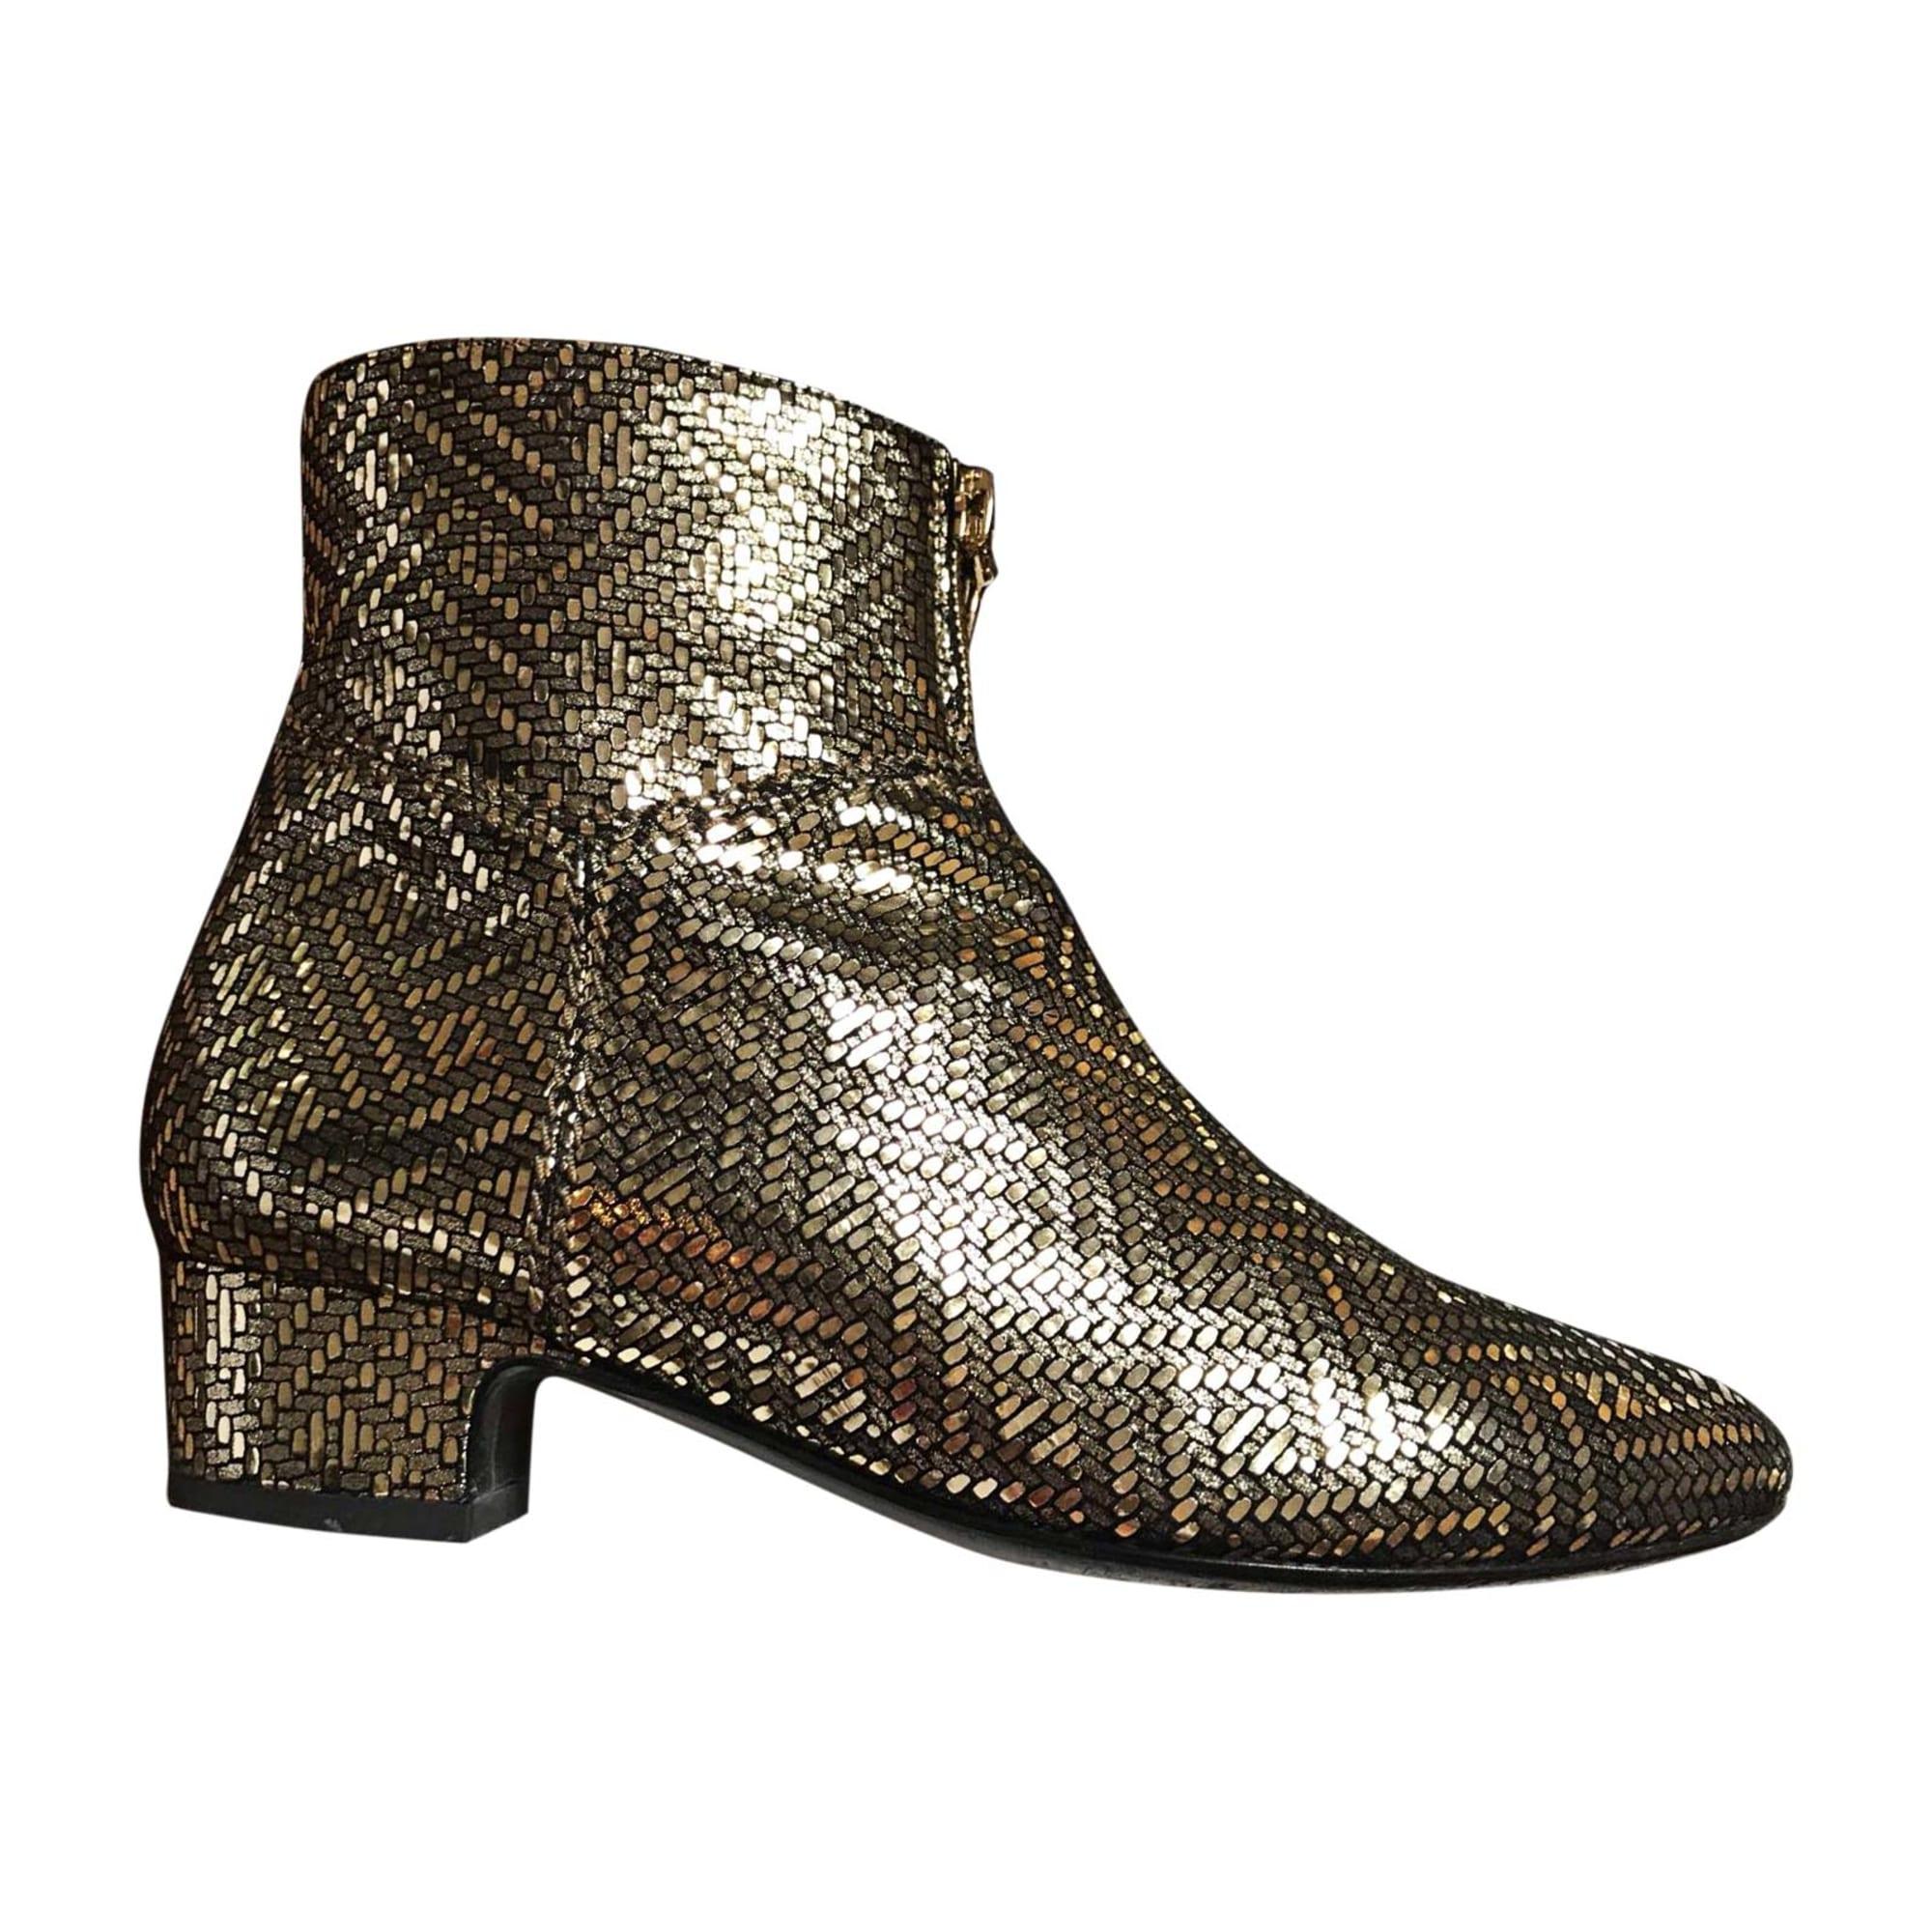 Bottines & low boots plates MICHEL VIVIEN Doré, bronze, cuivre